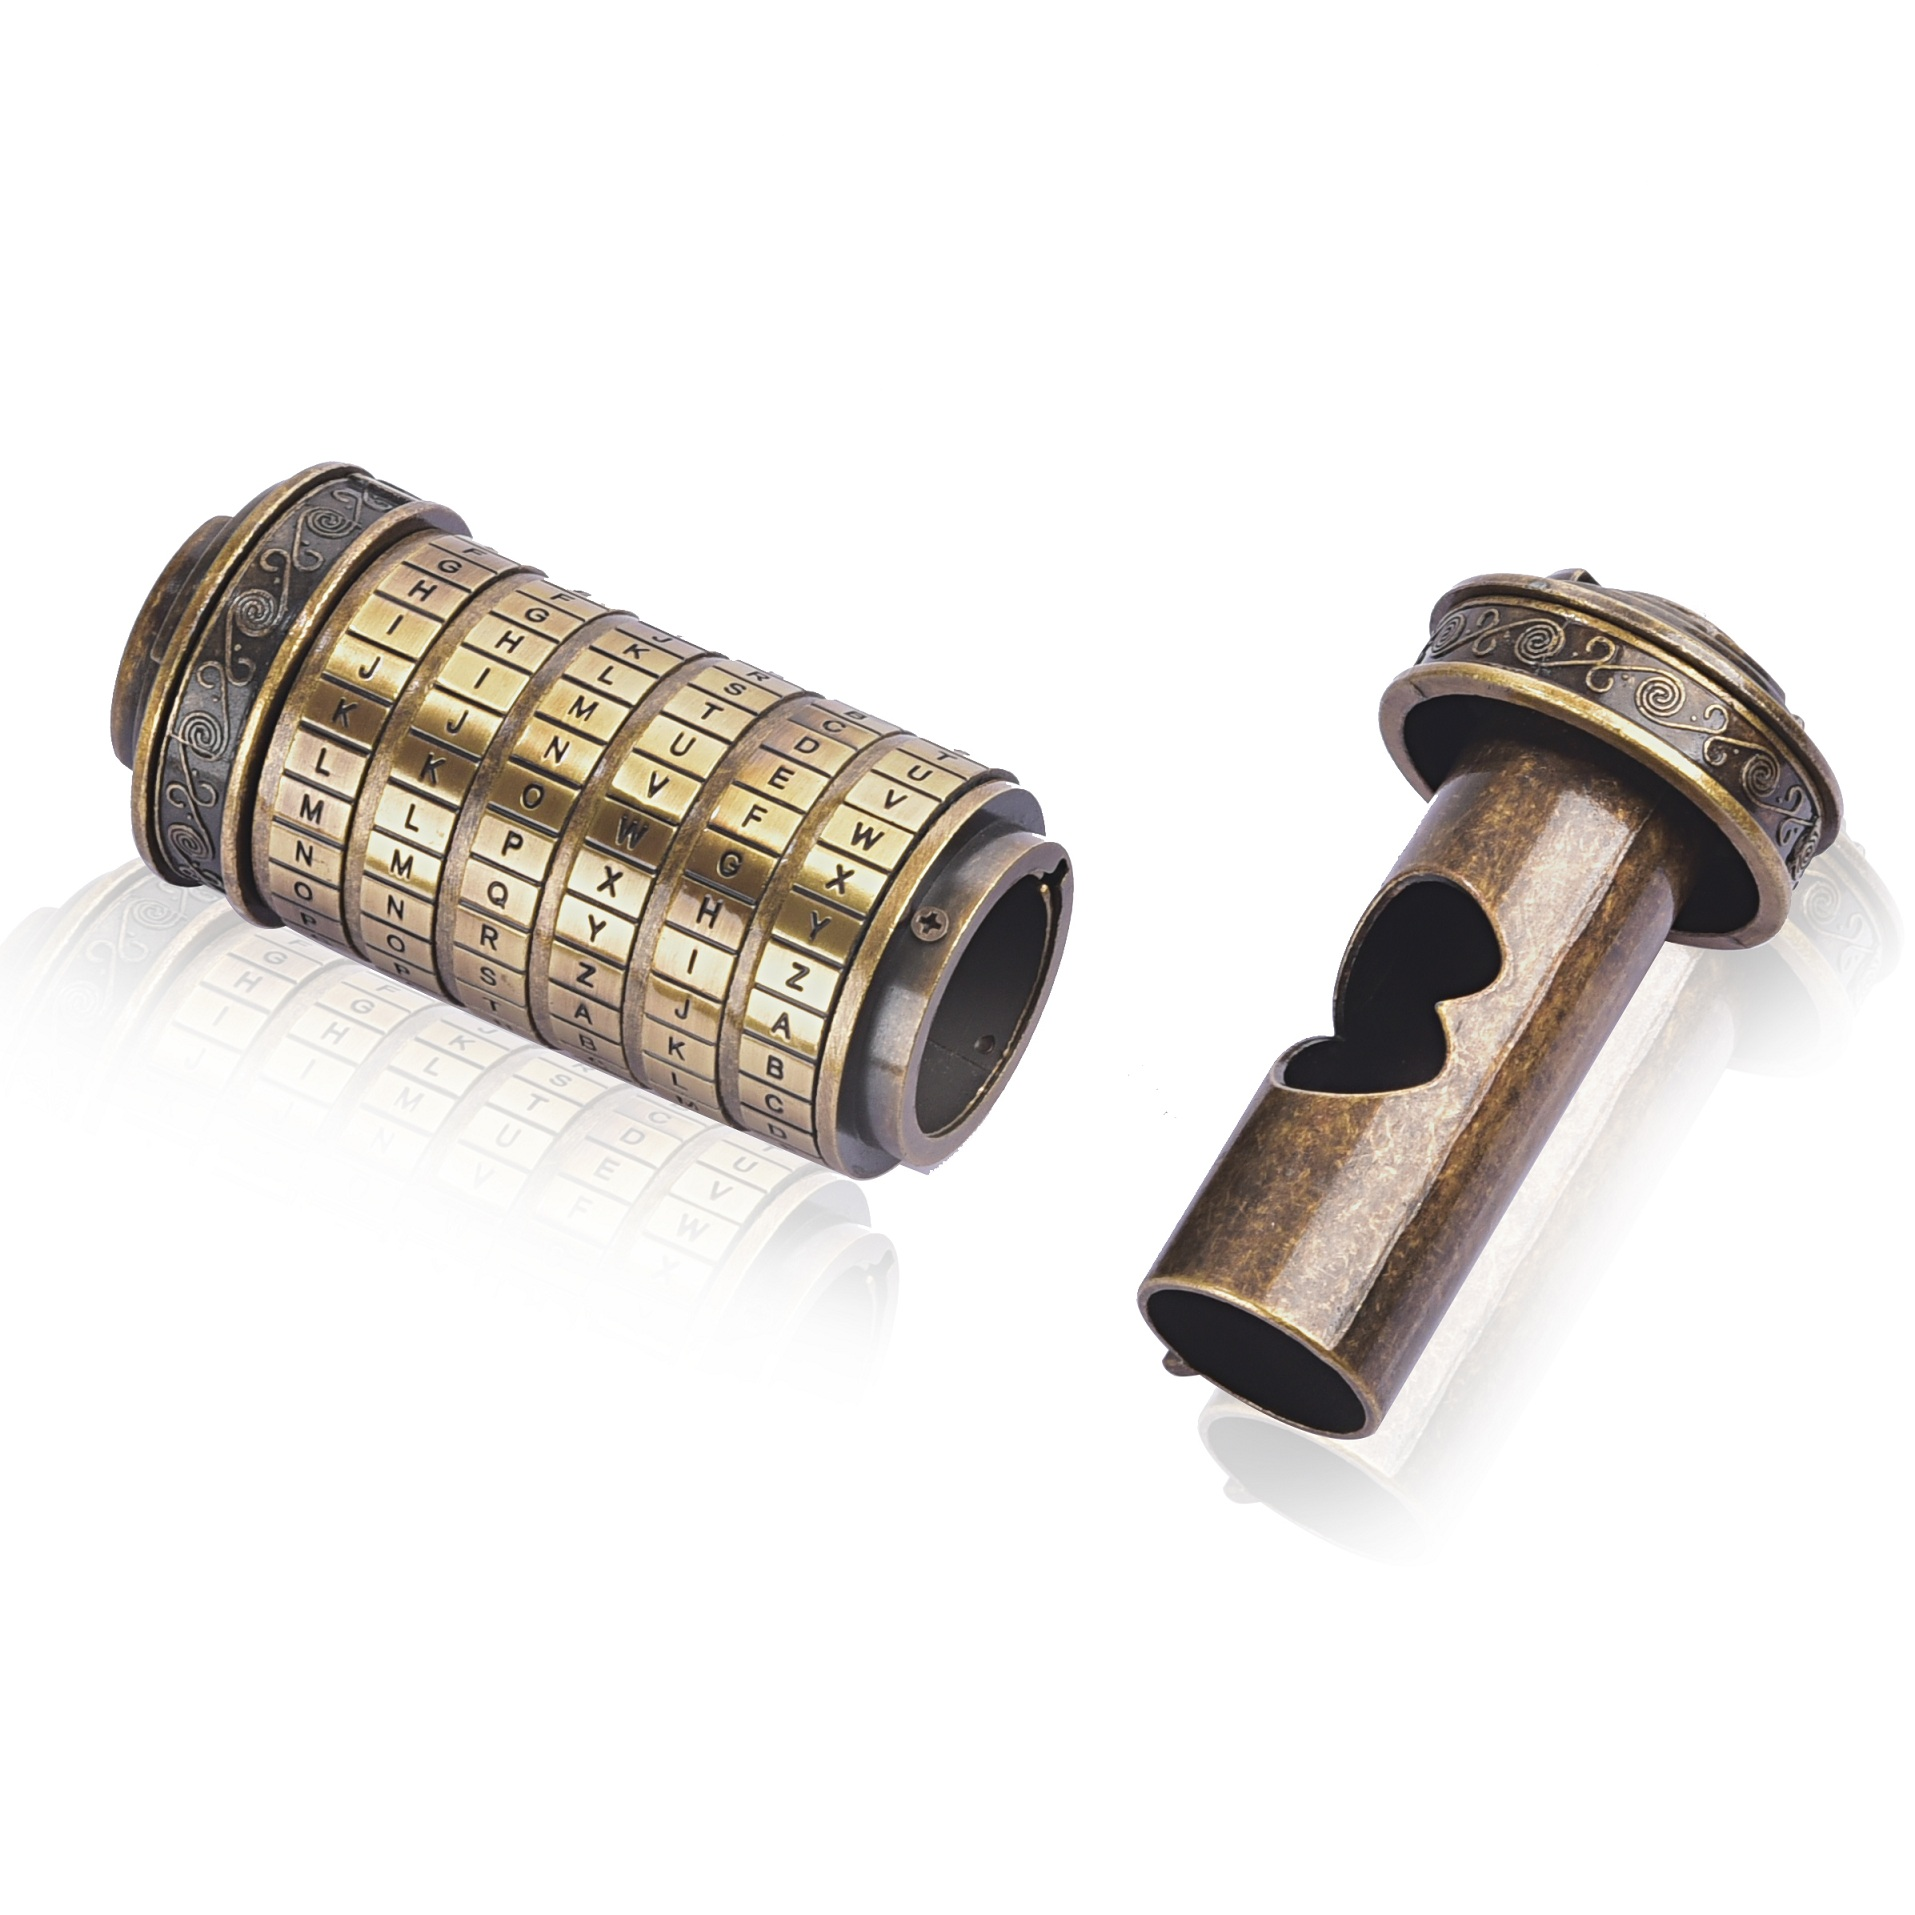 Leonardo Da Vinci Code jouets métal Cryptex serrures cadeaux de mariage saint valentin cadeau lettre mot de passe évasion chambre accessoires - 4